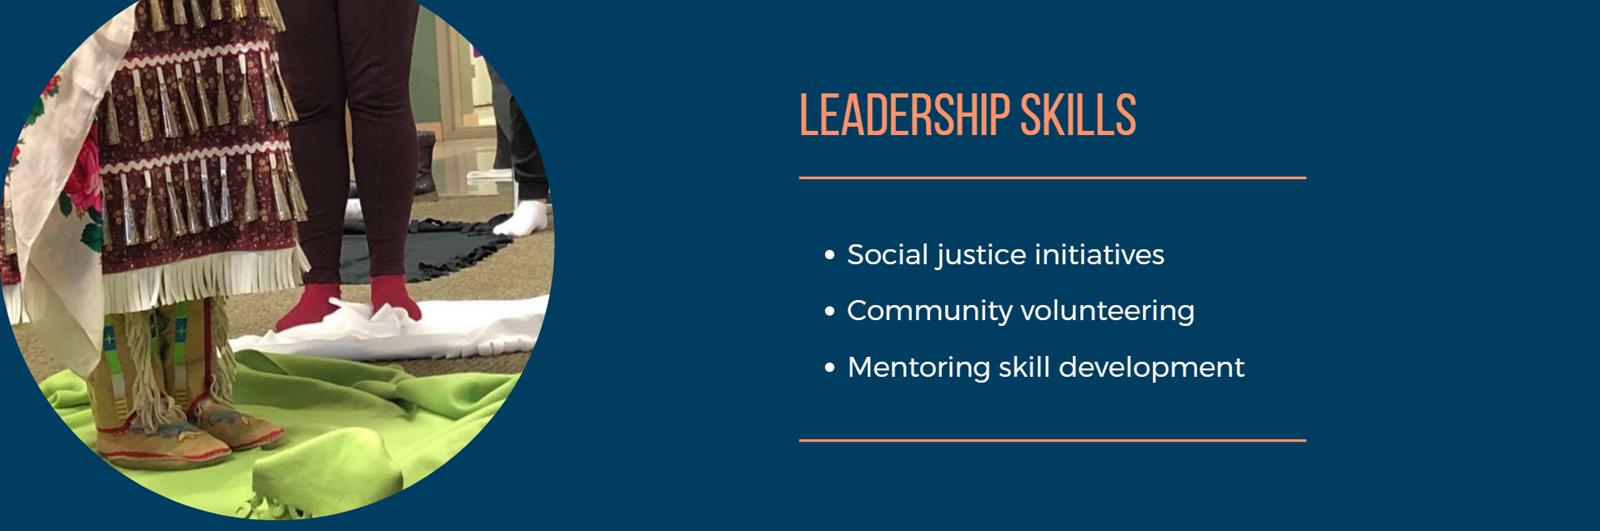 04 Leadership Skills BrJrys.png